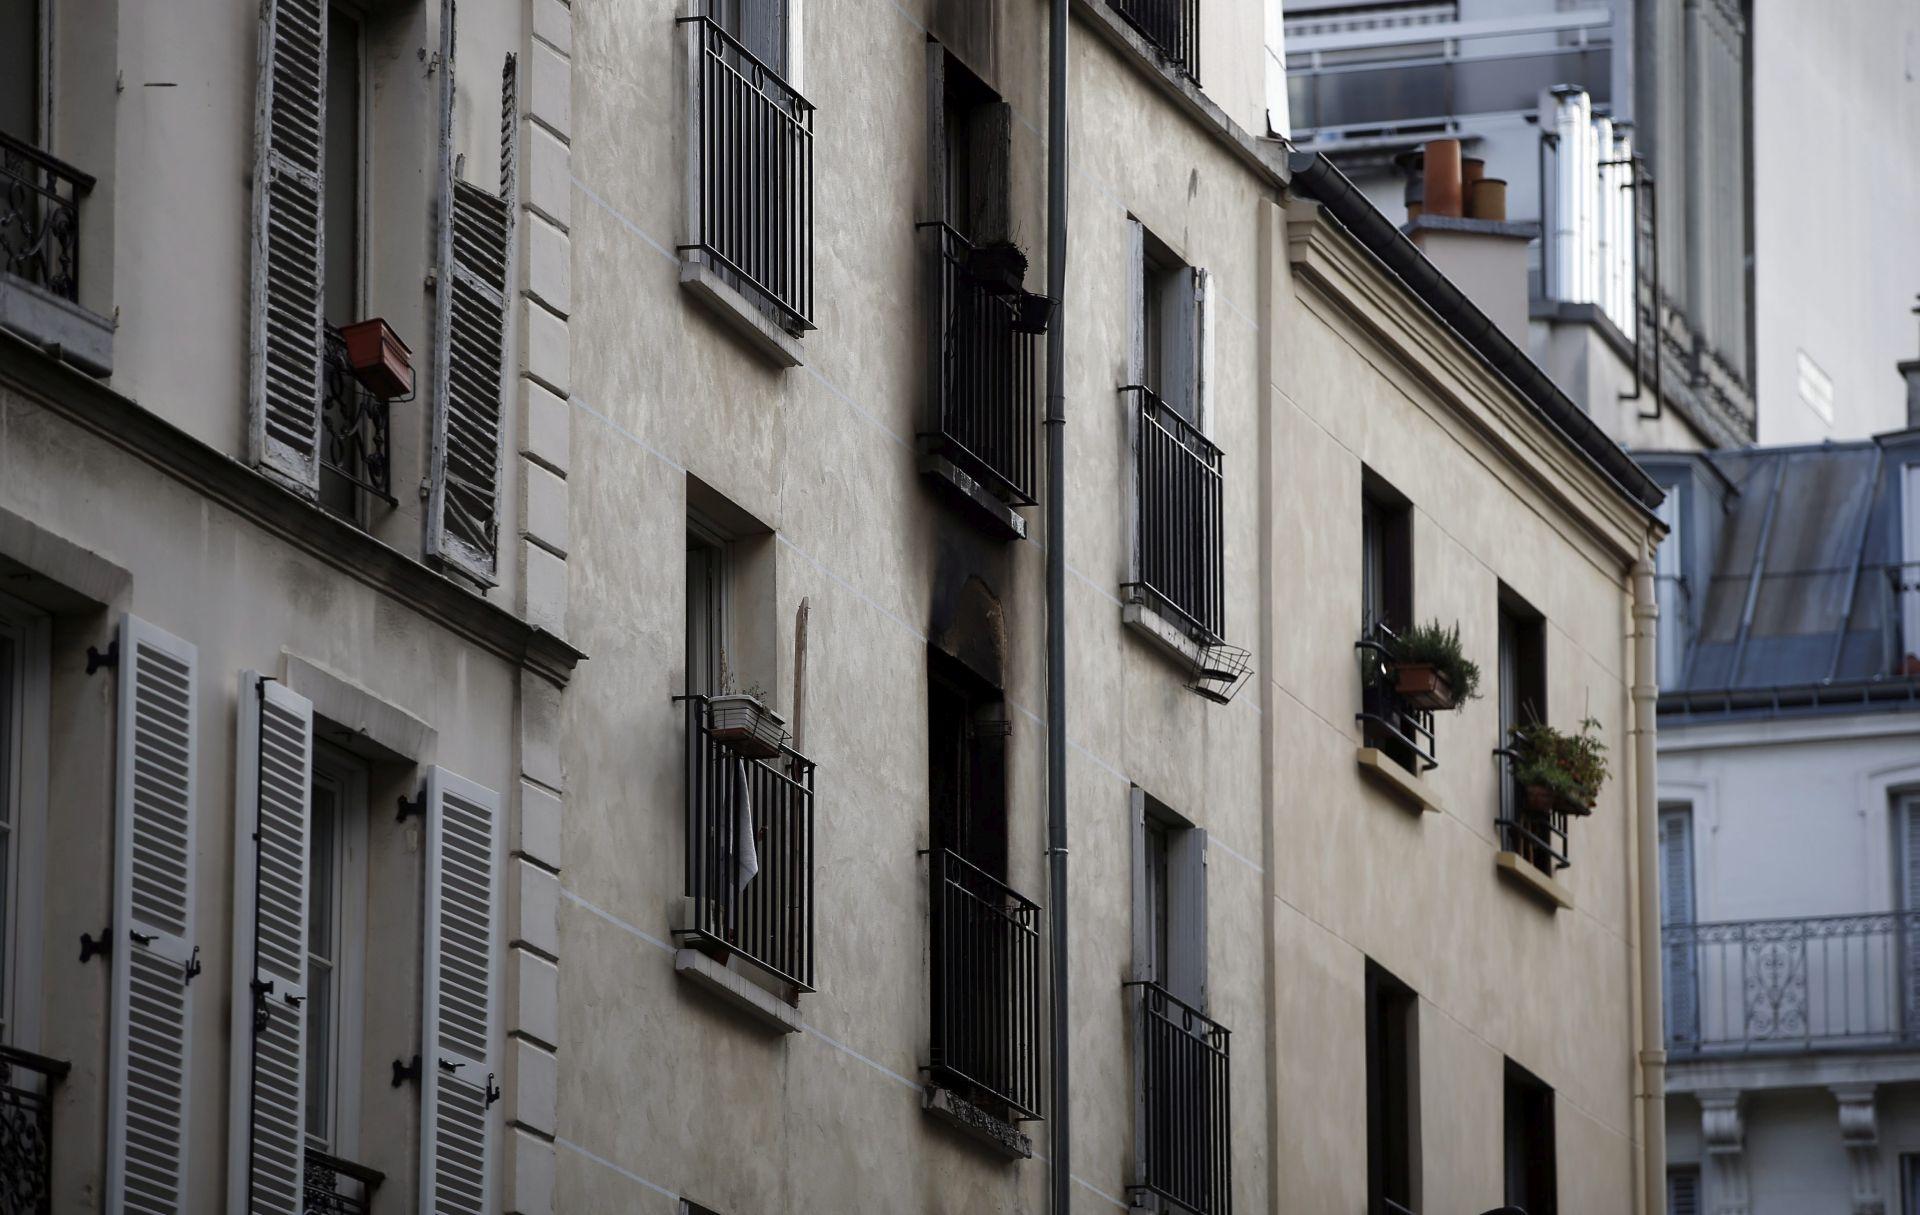 POGINULO I DVOJE DJECE Uhićen osumnjičenik za podmetanje požara u Parizu